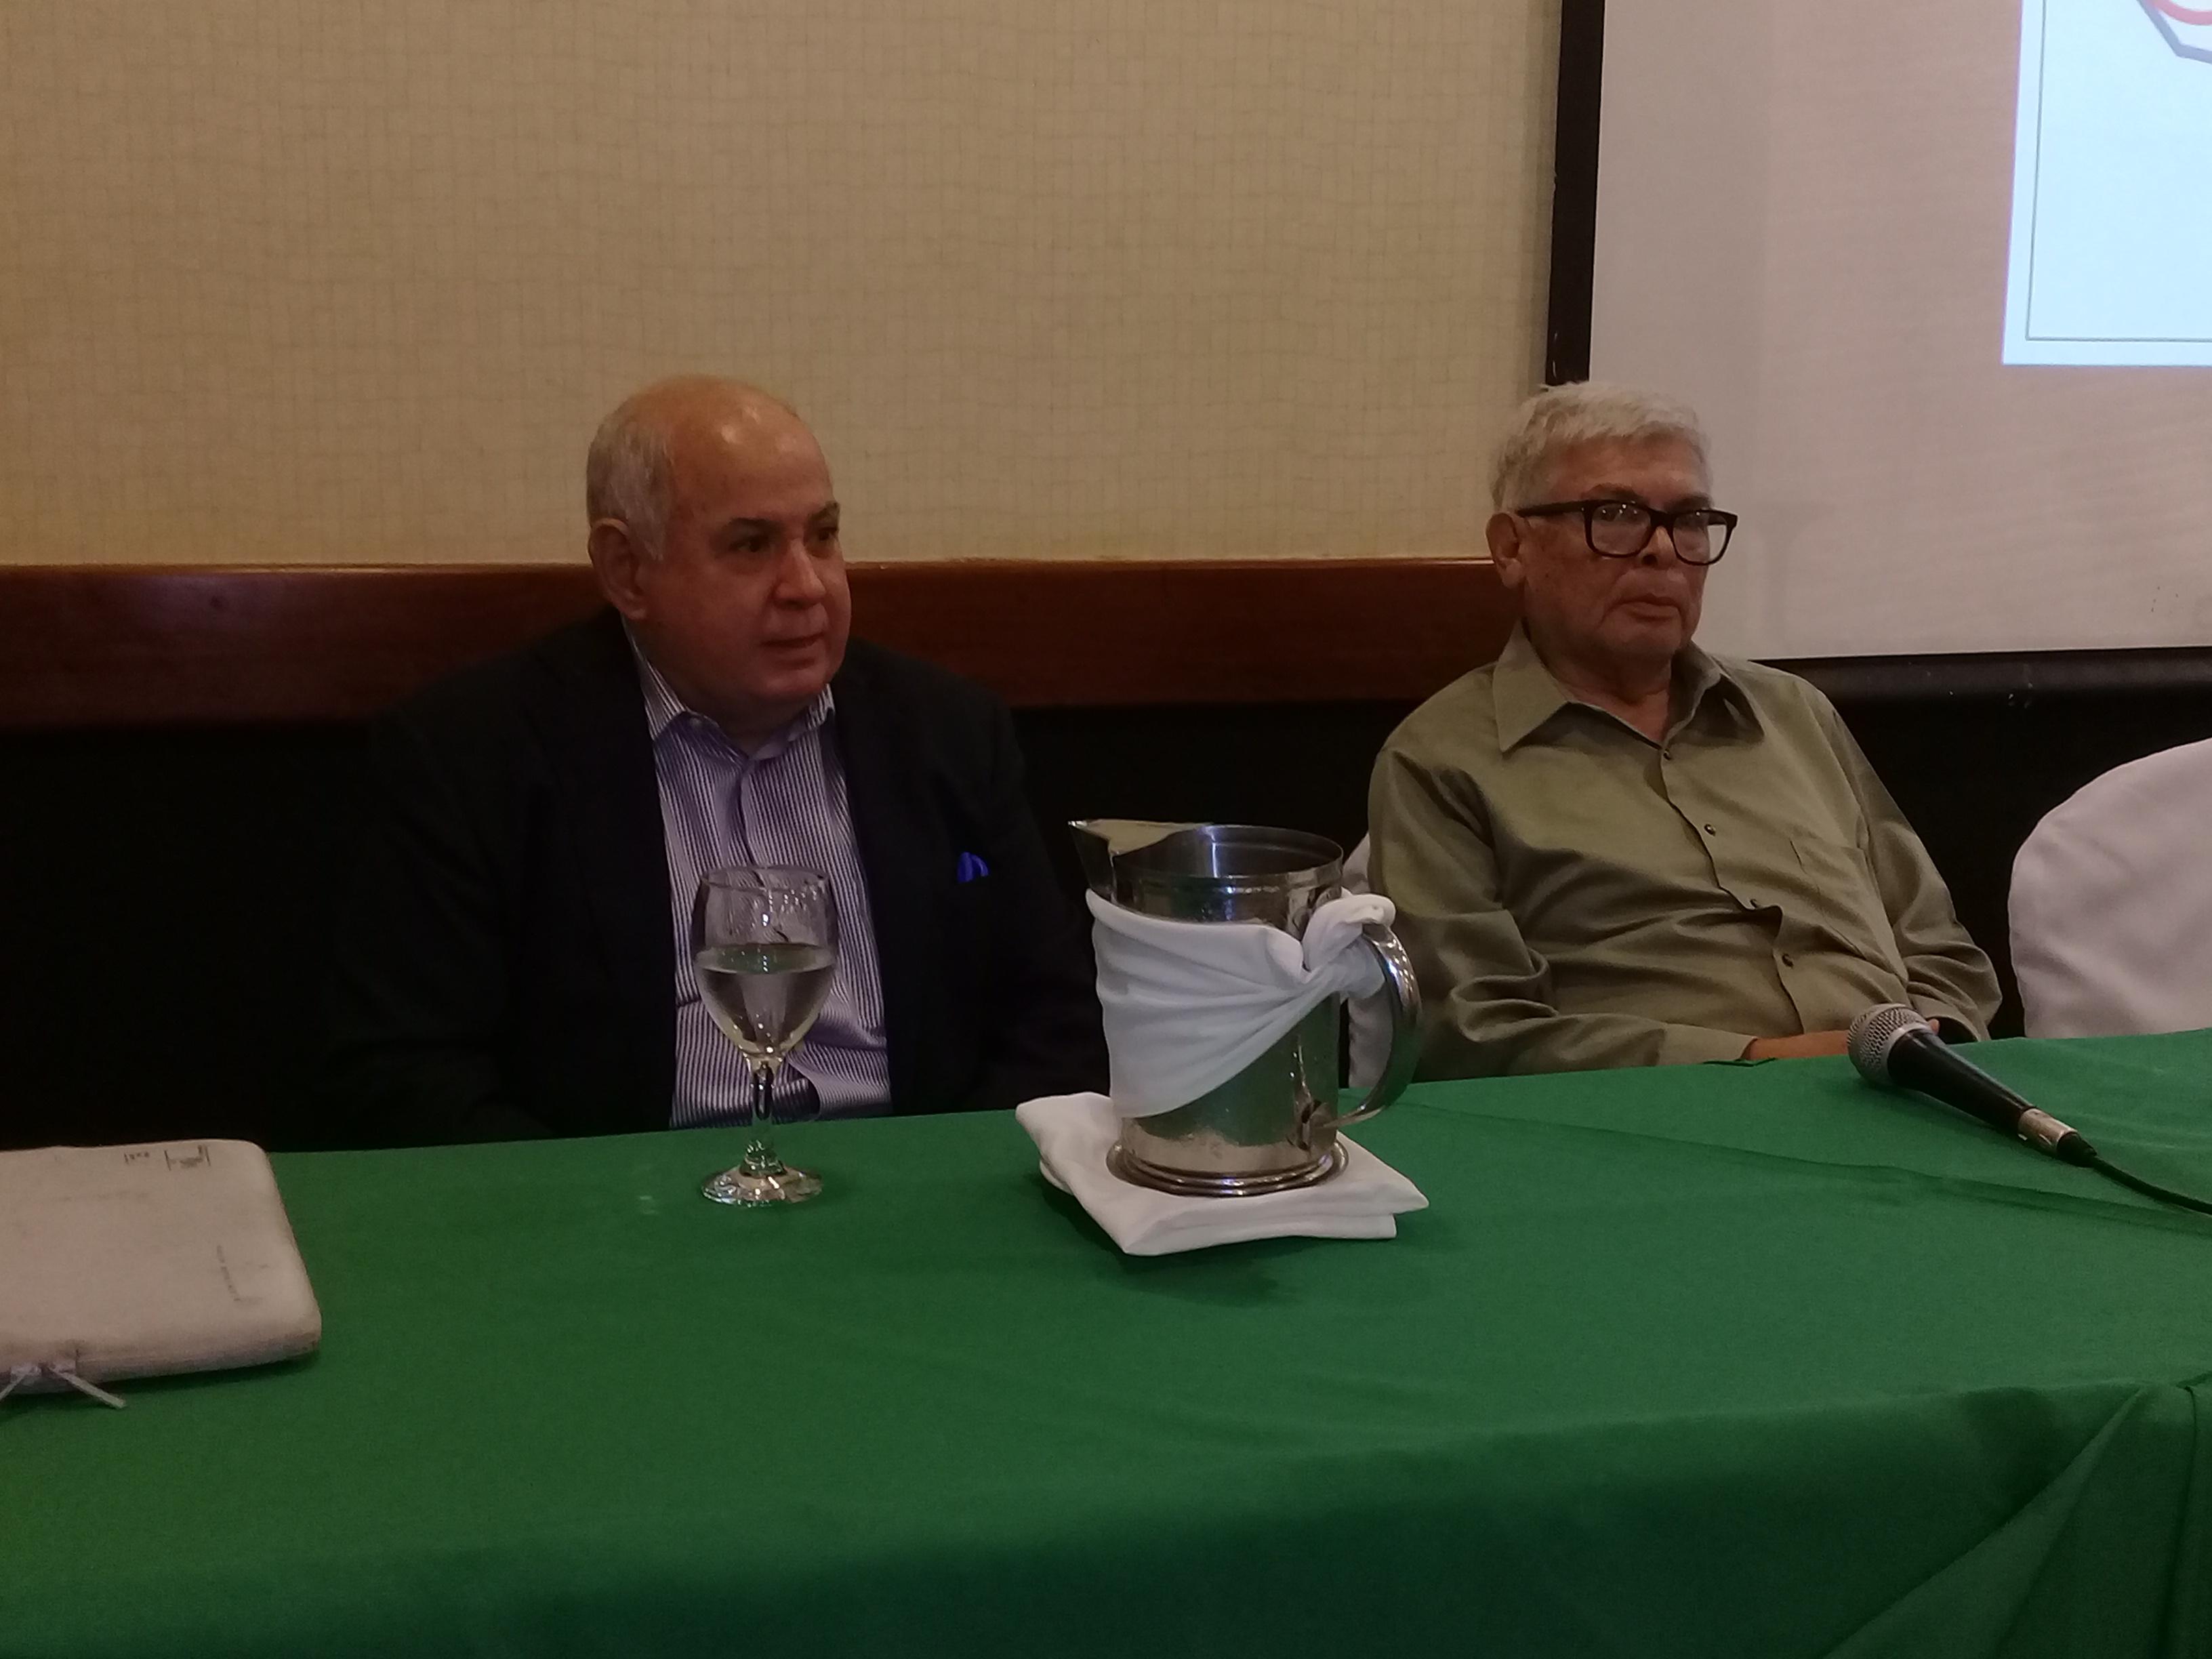 Carlos Sequeira y Alberto Novoa, ponentes sobre temas de corrupción en el foro. Fotografía: Artículo66